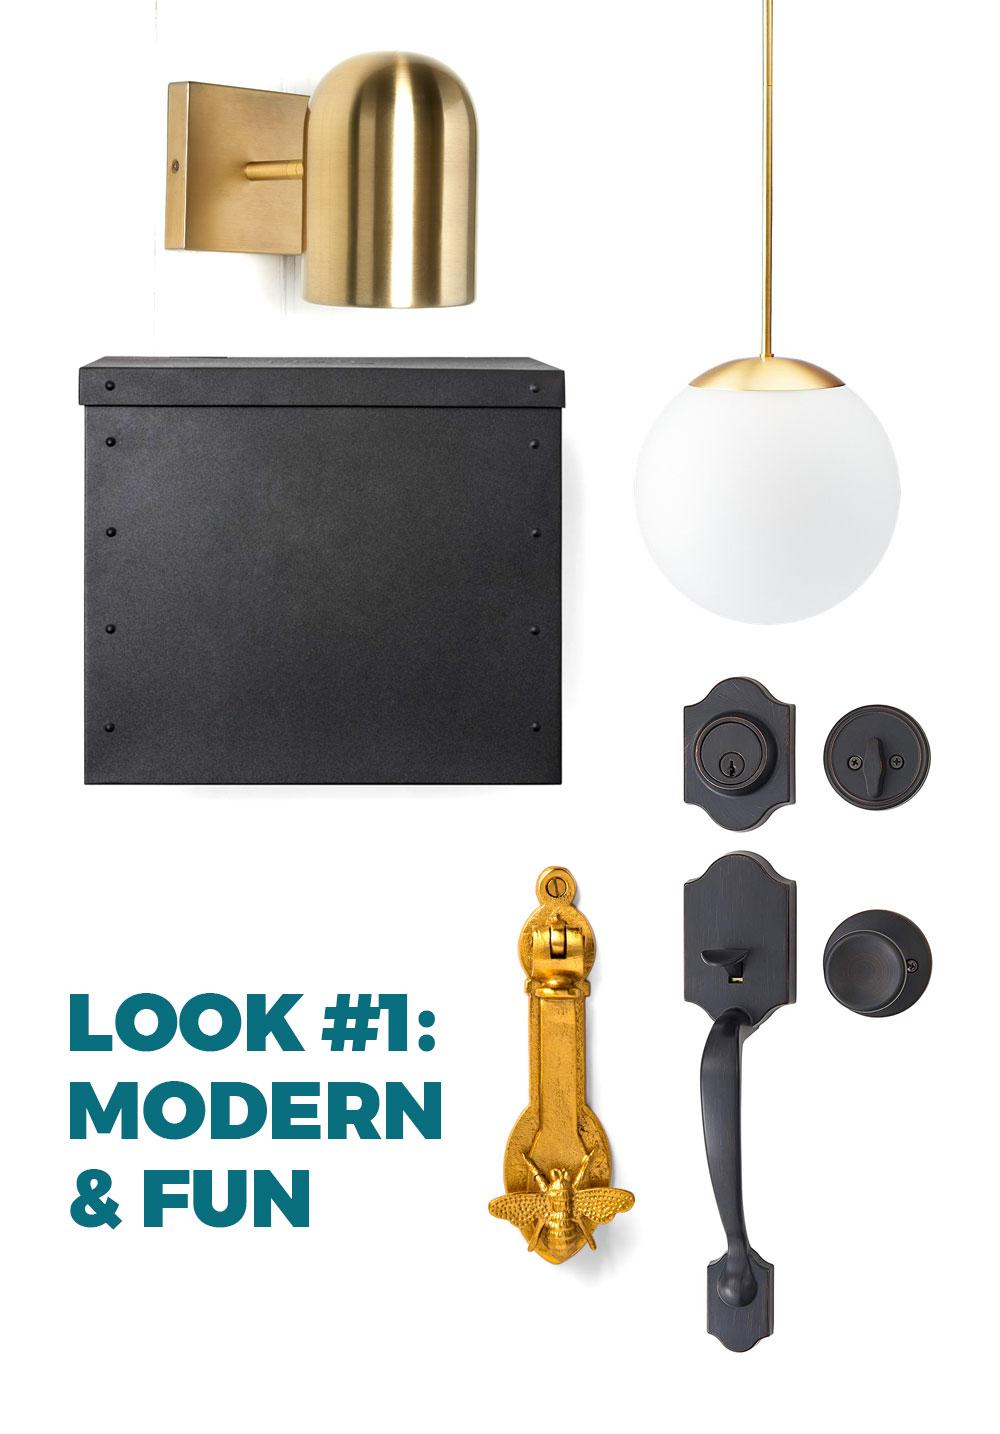 Look-1-modern-and-fun.jpg